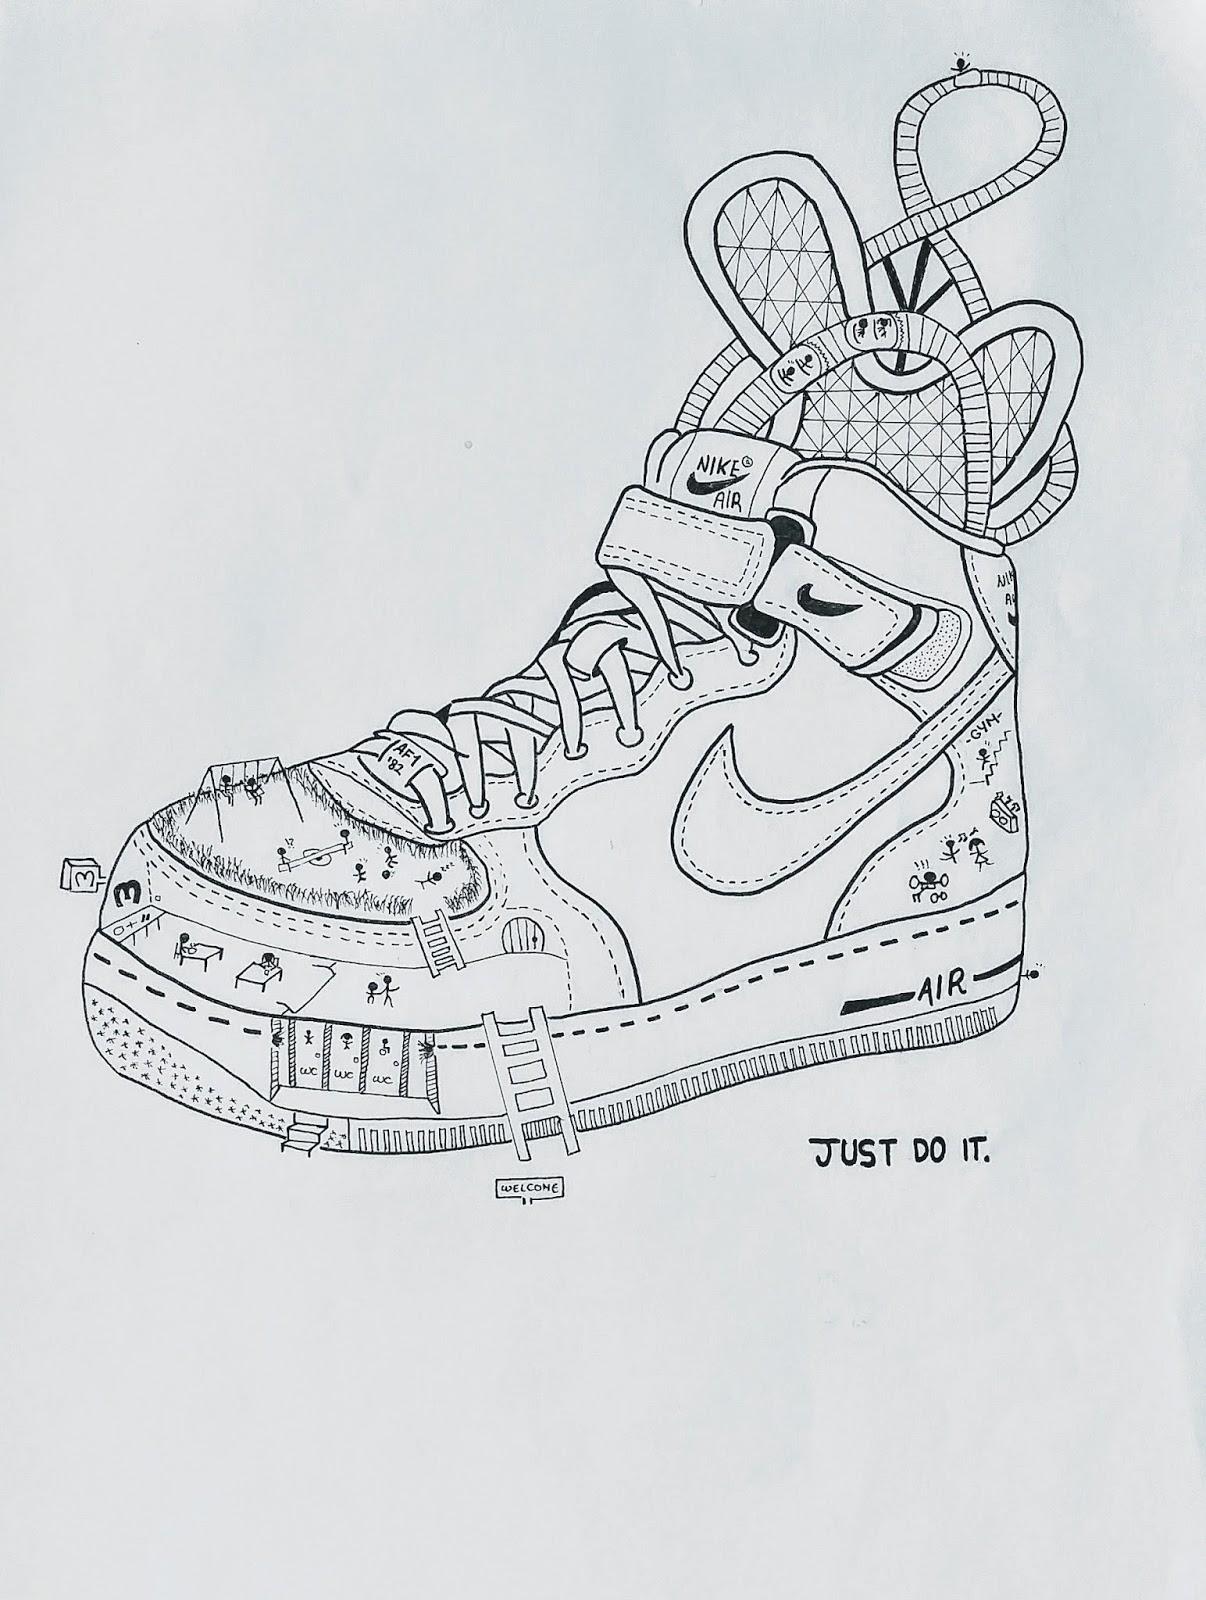 Por cerca educador  DIBUJO ARTÍSTICO 1. 2016-17: Nike Air Force 1 '07, Pau